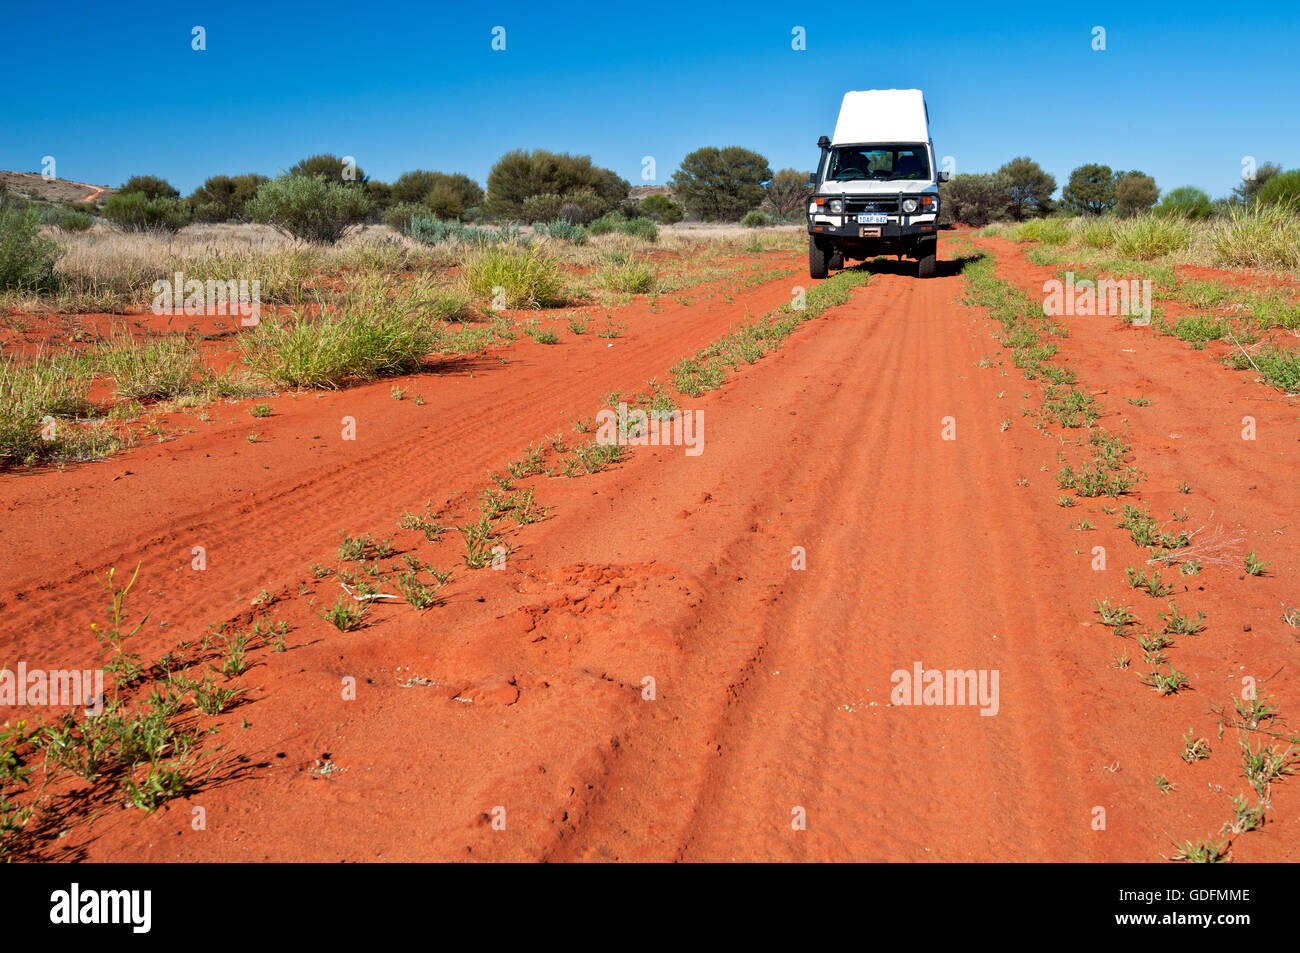 Vía desierto australiano típico en el centro rojo. Imagen De Stock